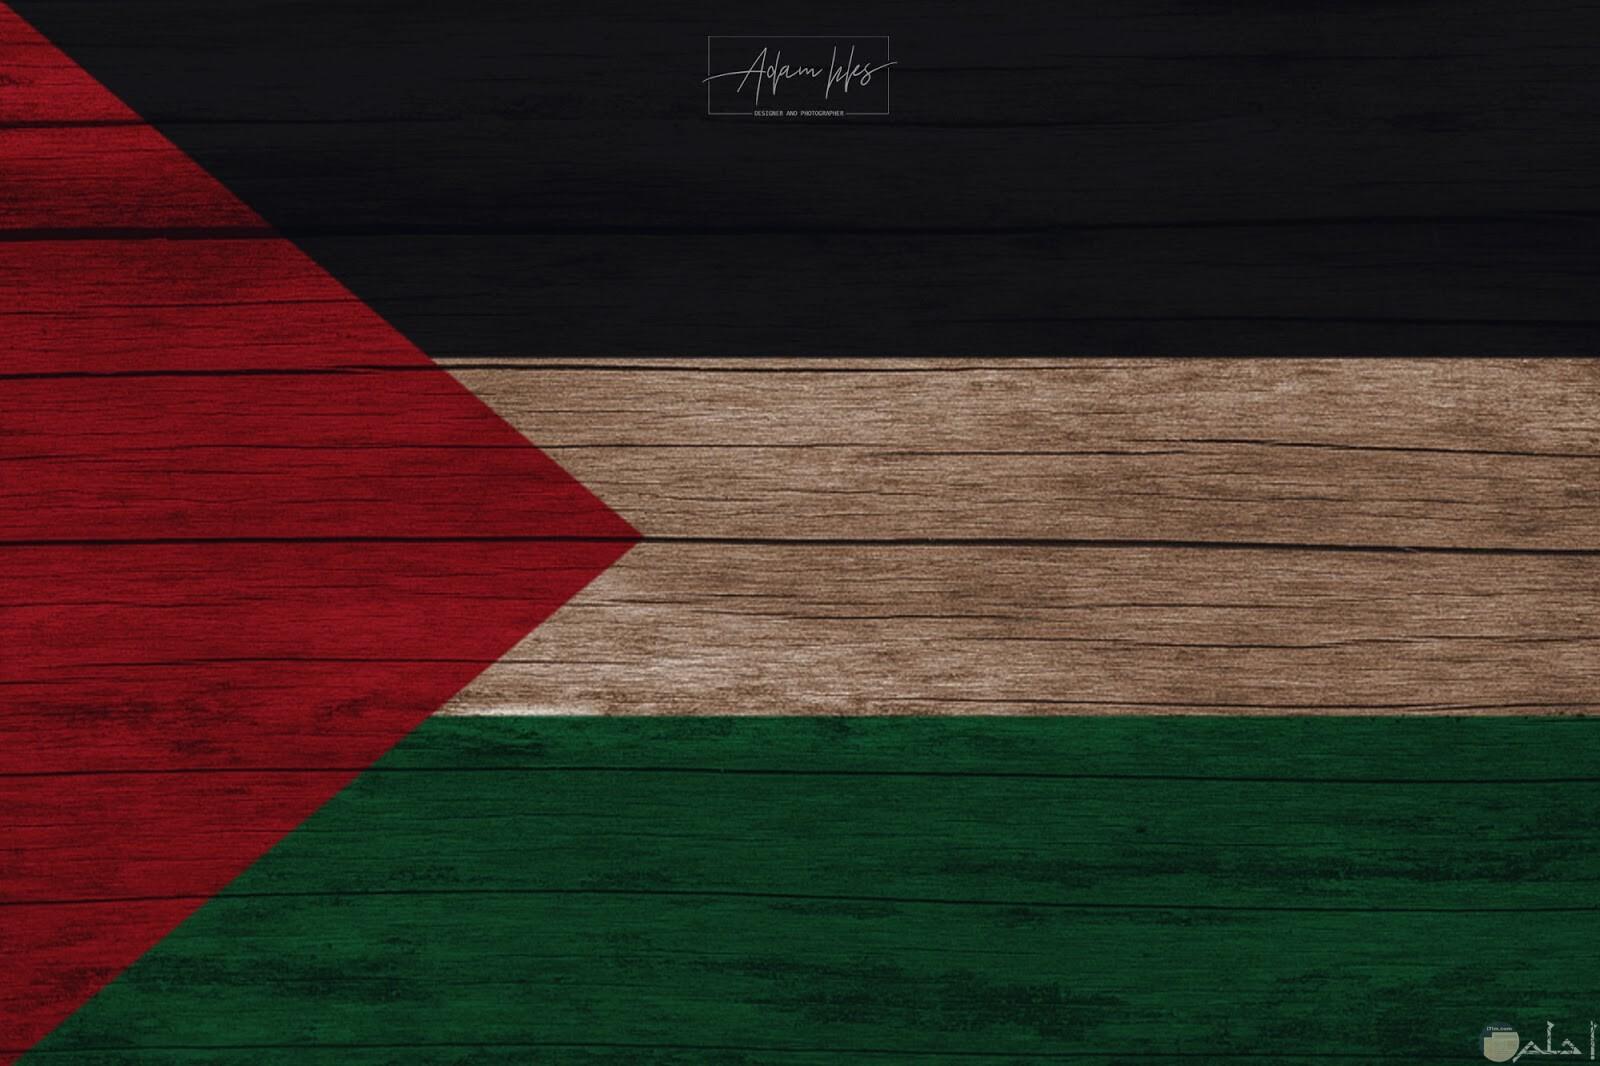 صورة رائعة لعلم فلسطين